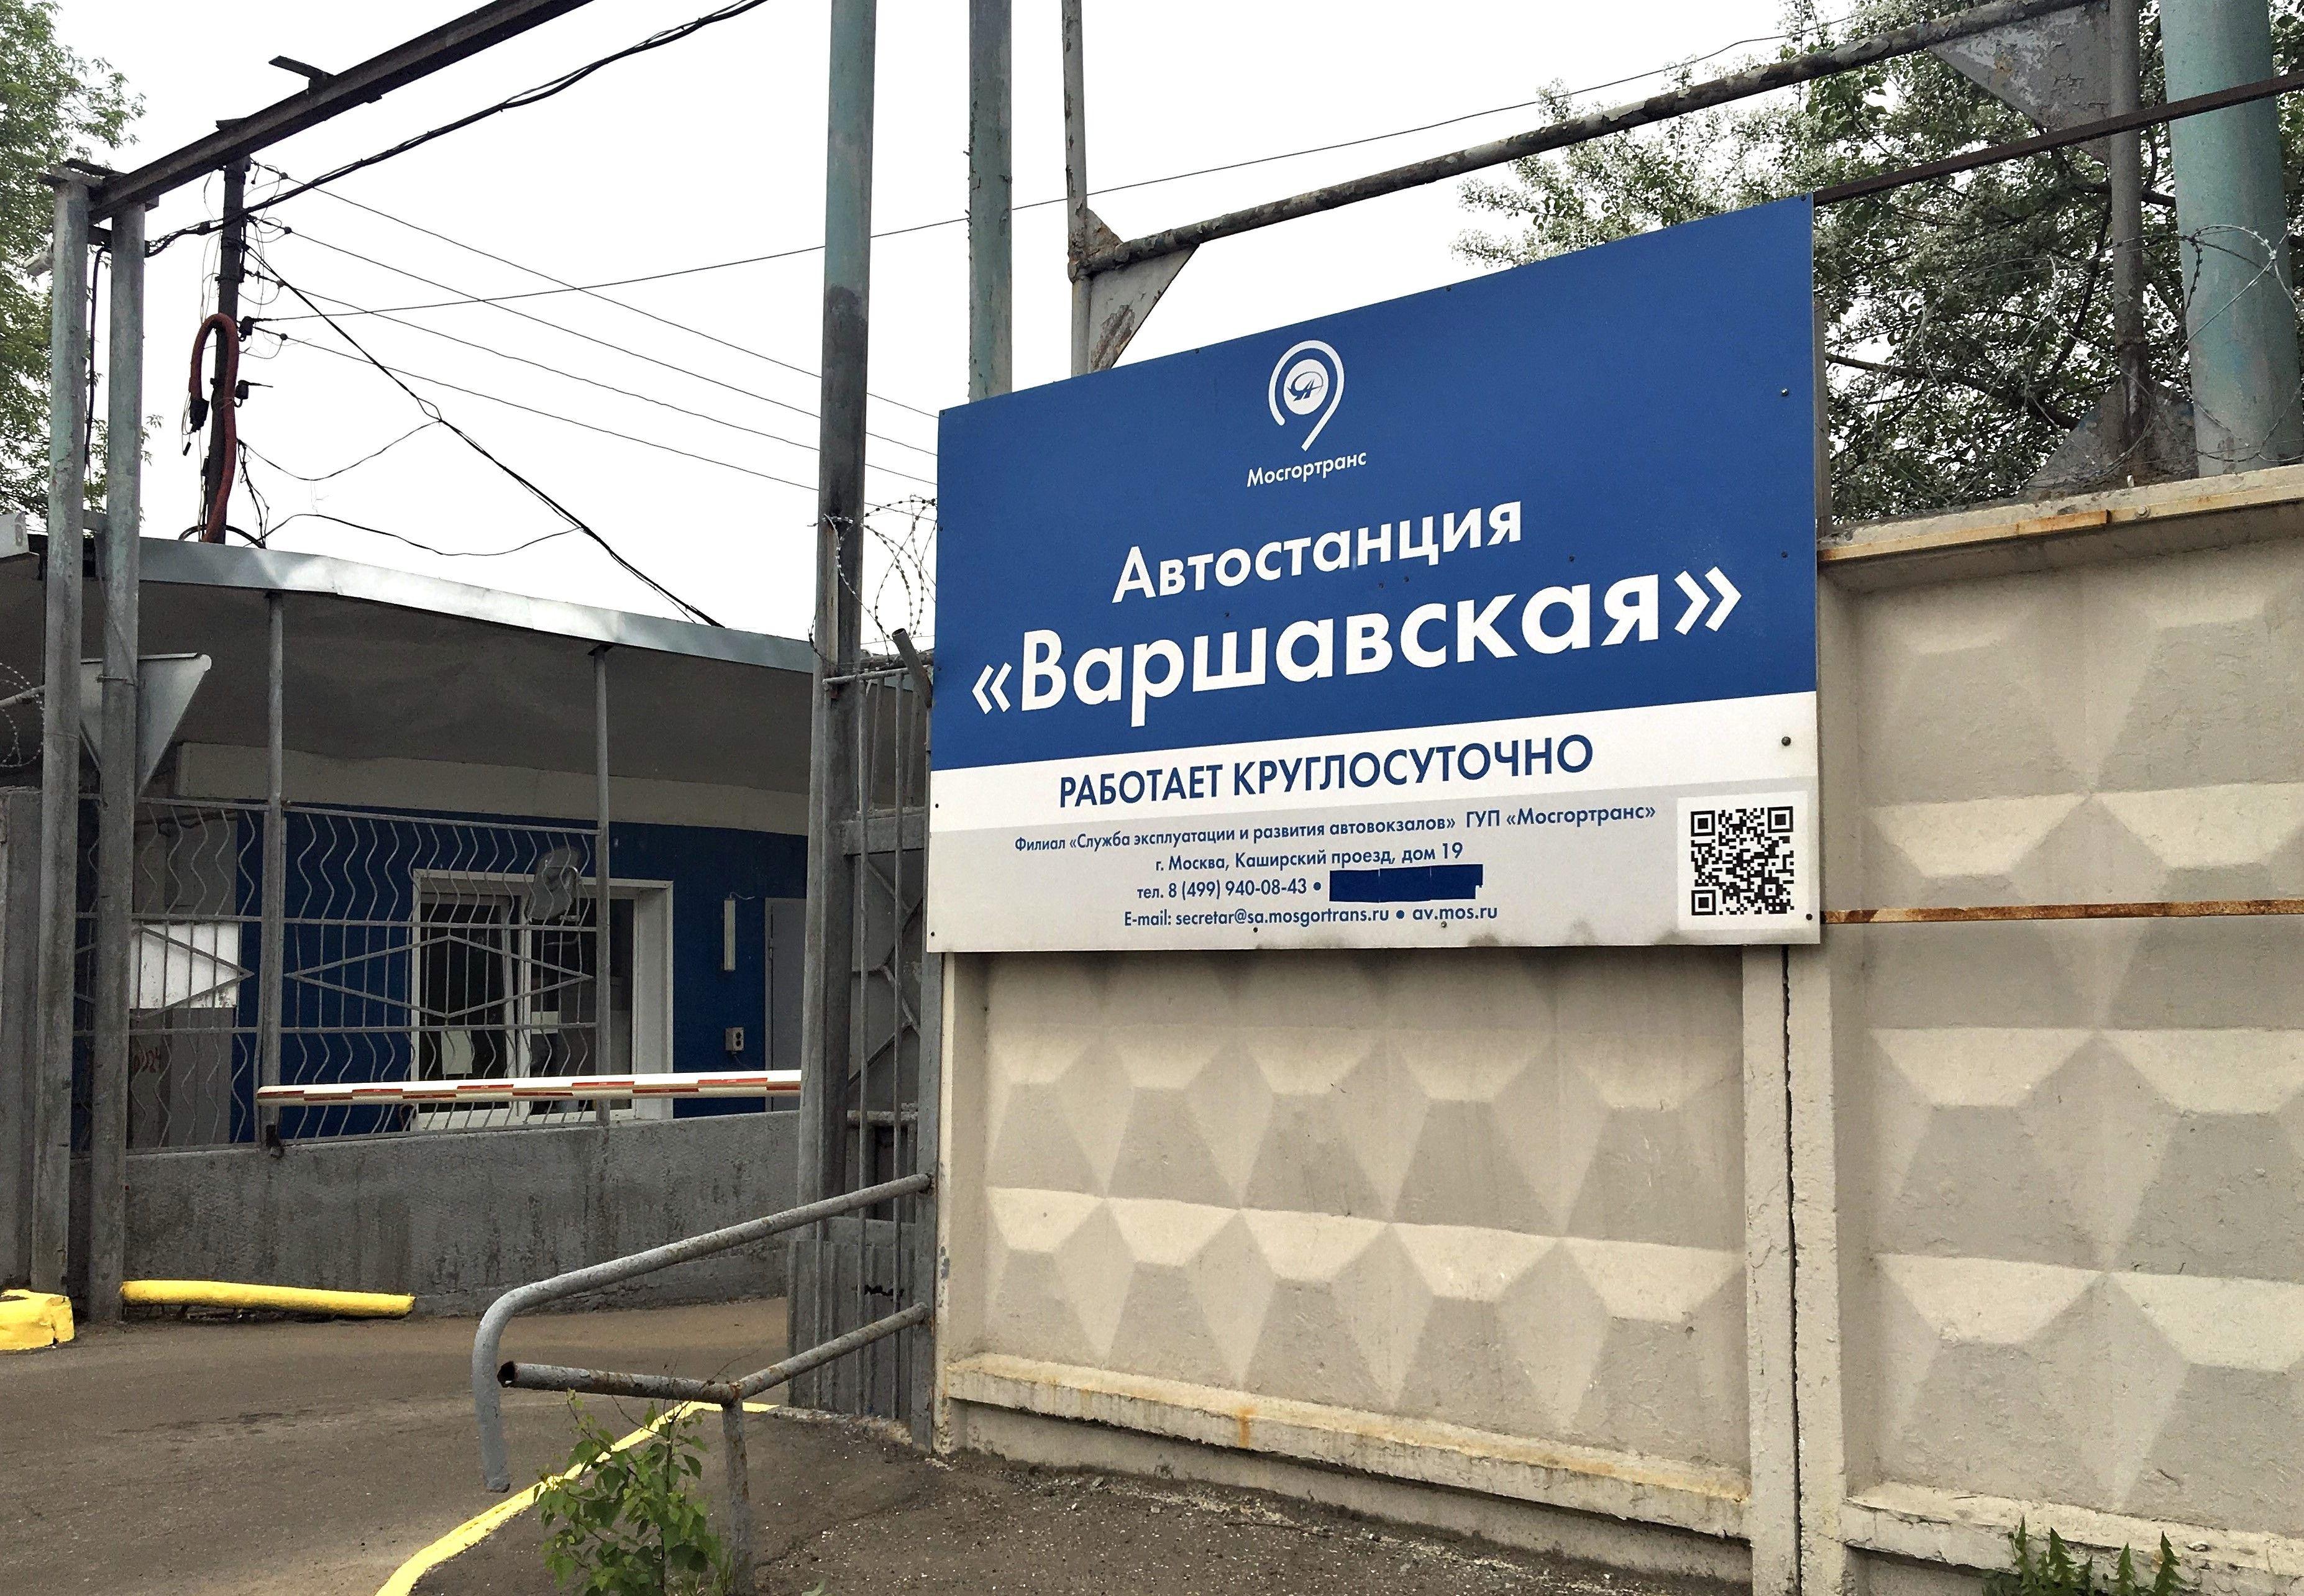 Москвичи снова смогут отправиться в Липецк с автостанции «Варшавская»